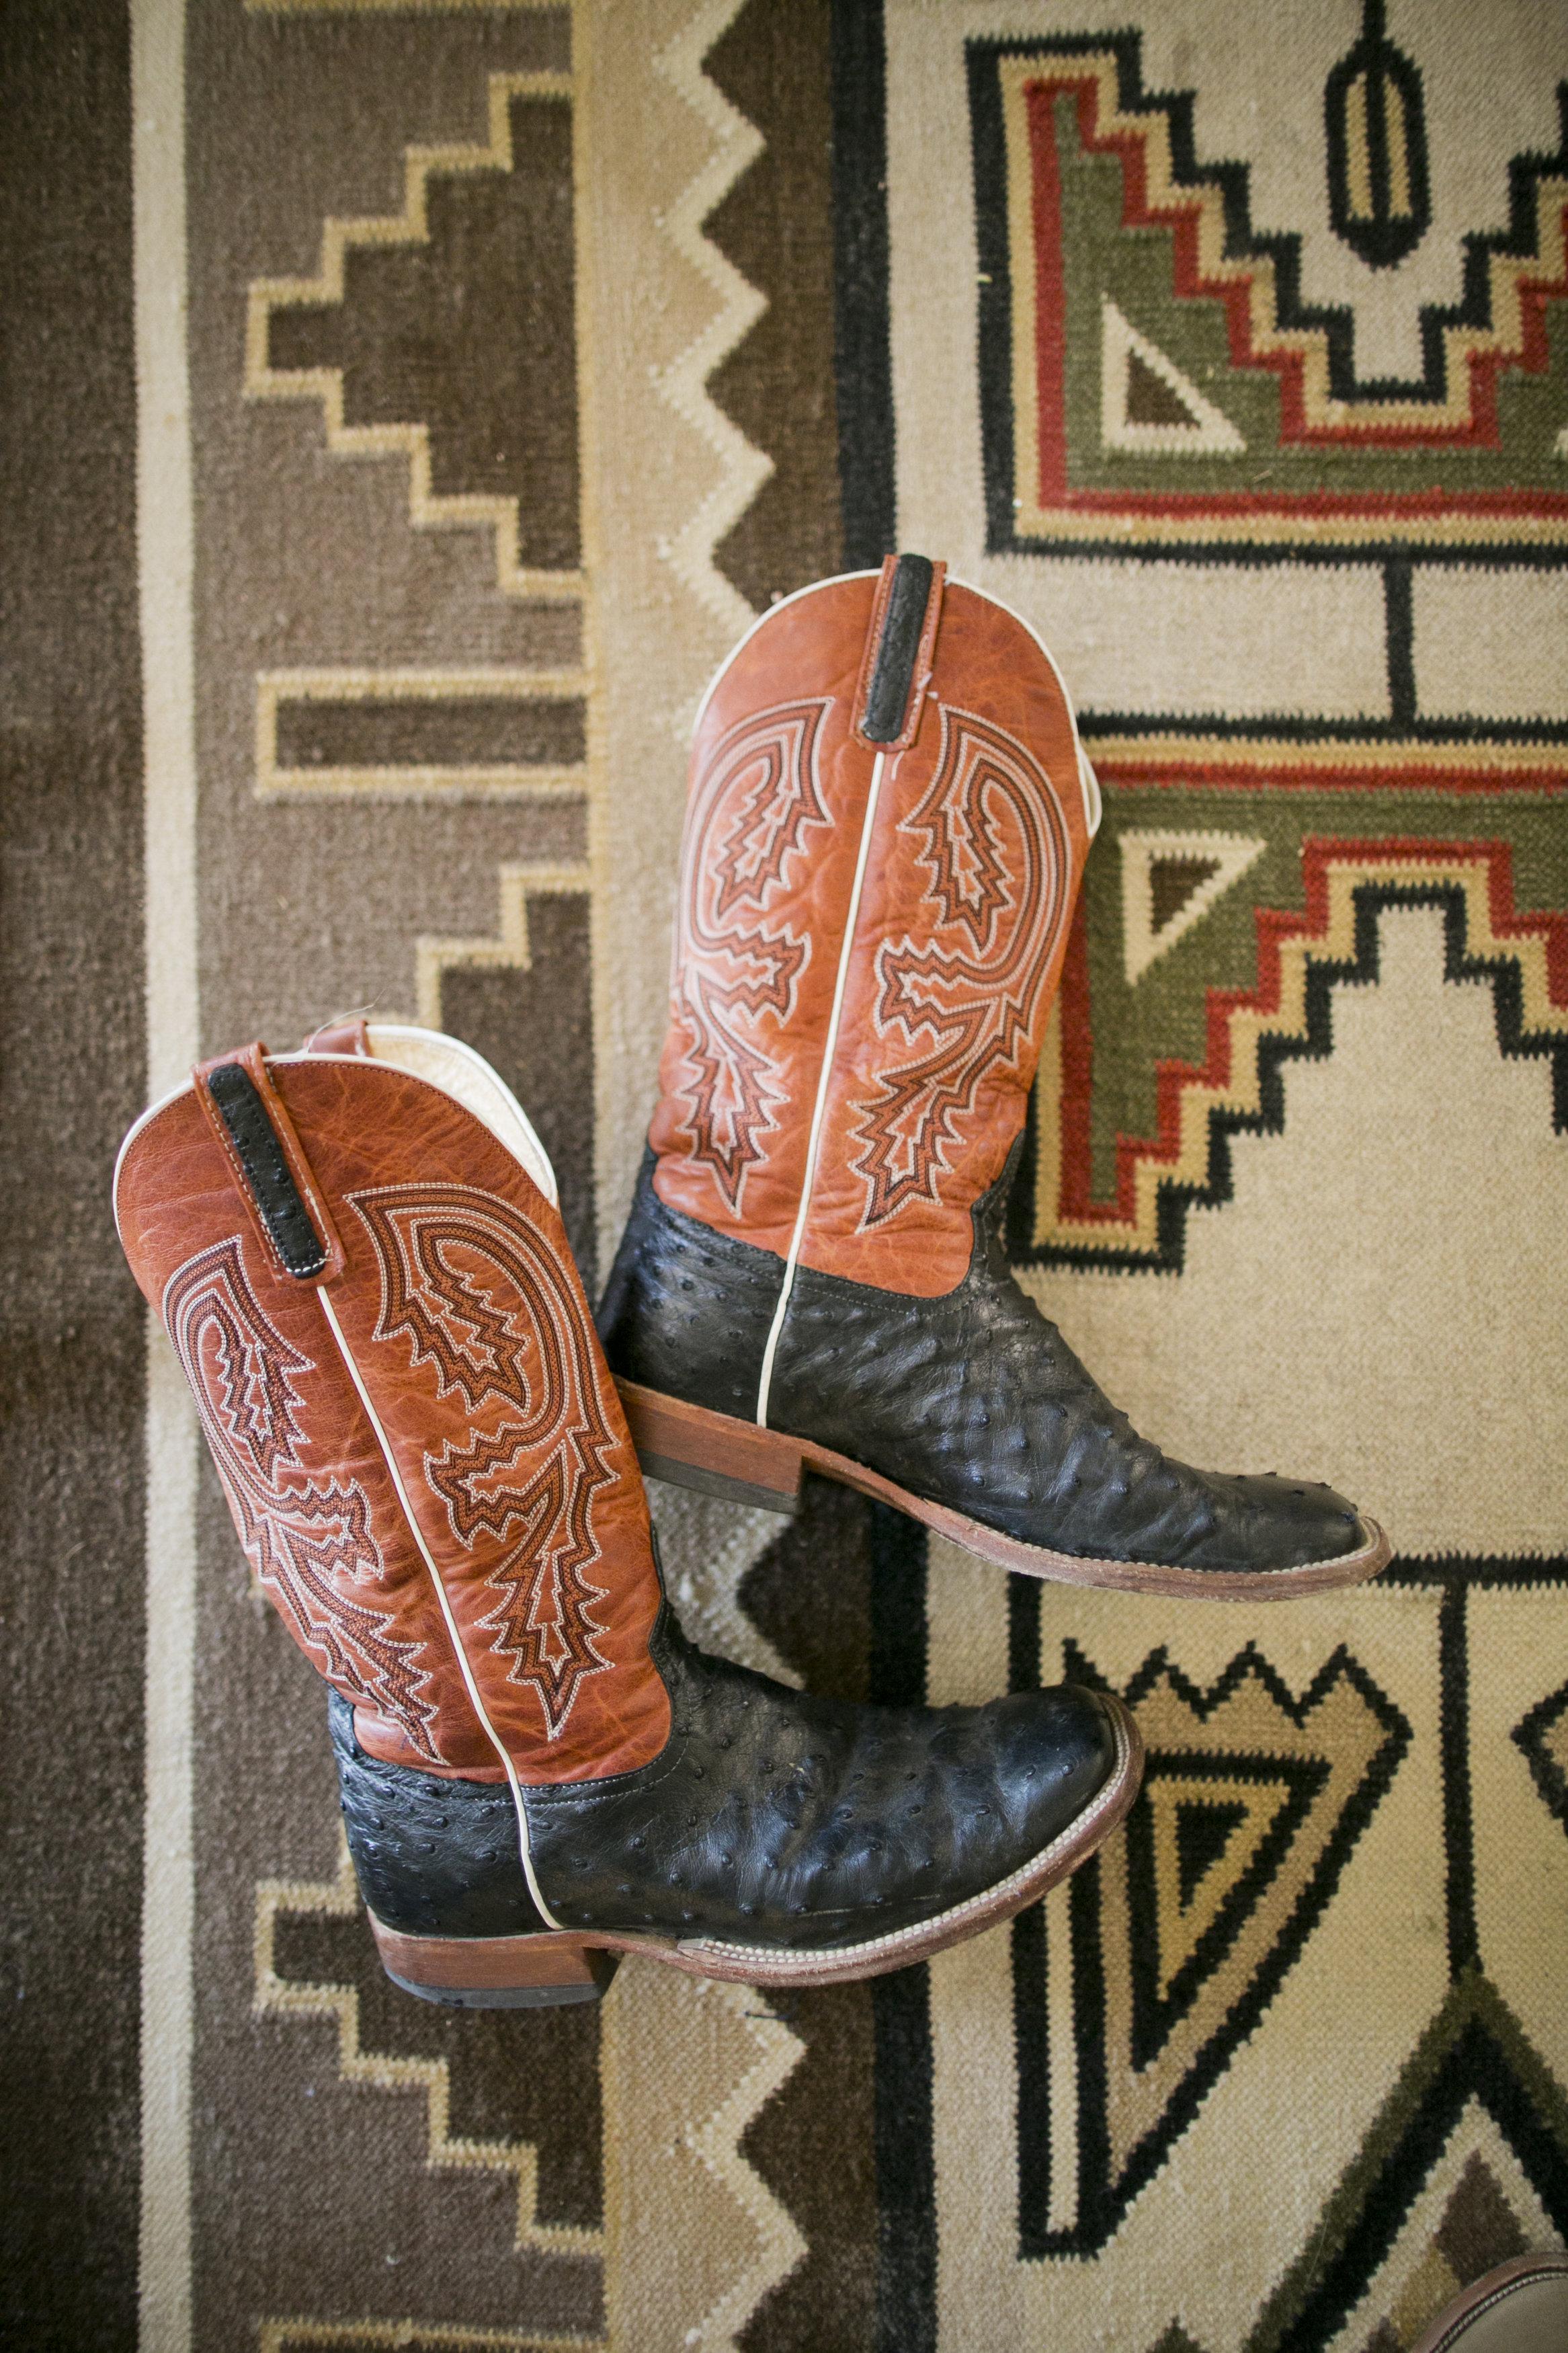 Ceci_New_York_Ceci_Style_Ceci_Johnson_Luxury_Lifestyle_Arizona_Wedding_Watercolor_Inspiration_Design_Custom_Couture_Personalized_Invitations_14.jpg